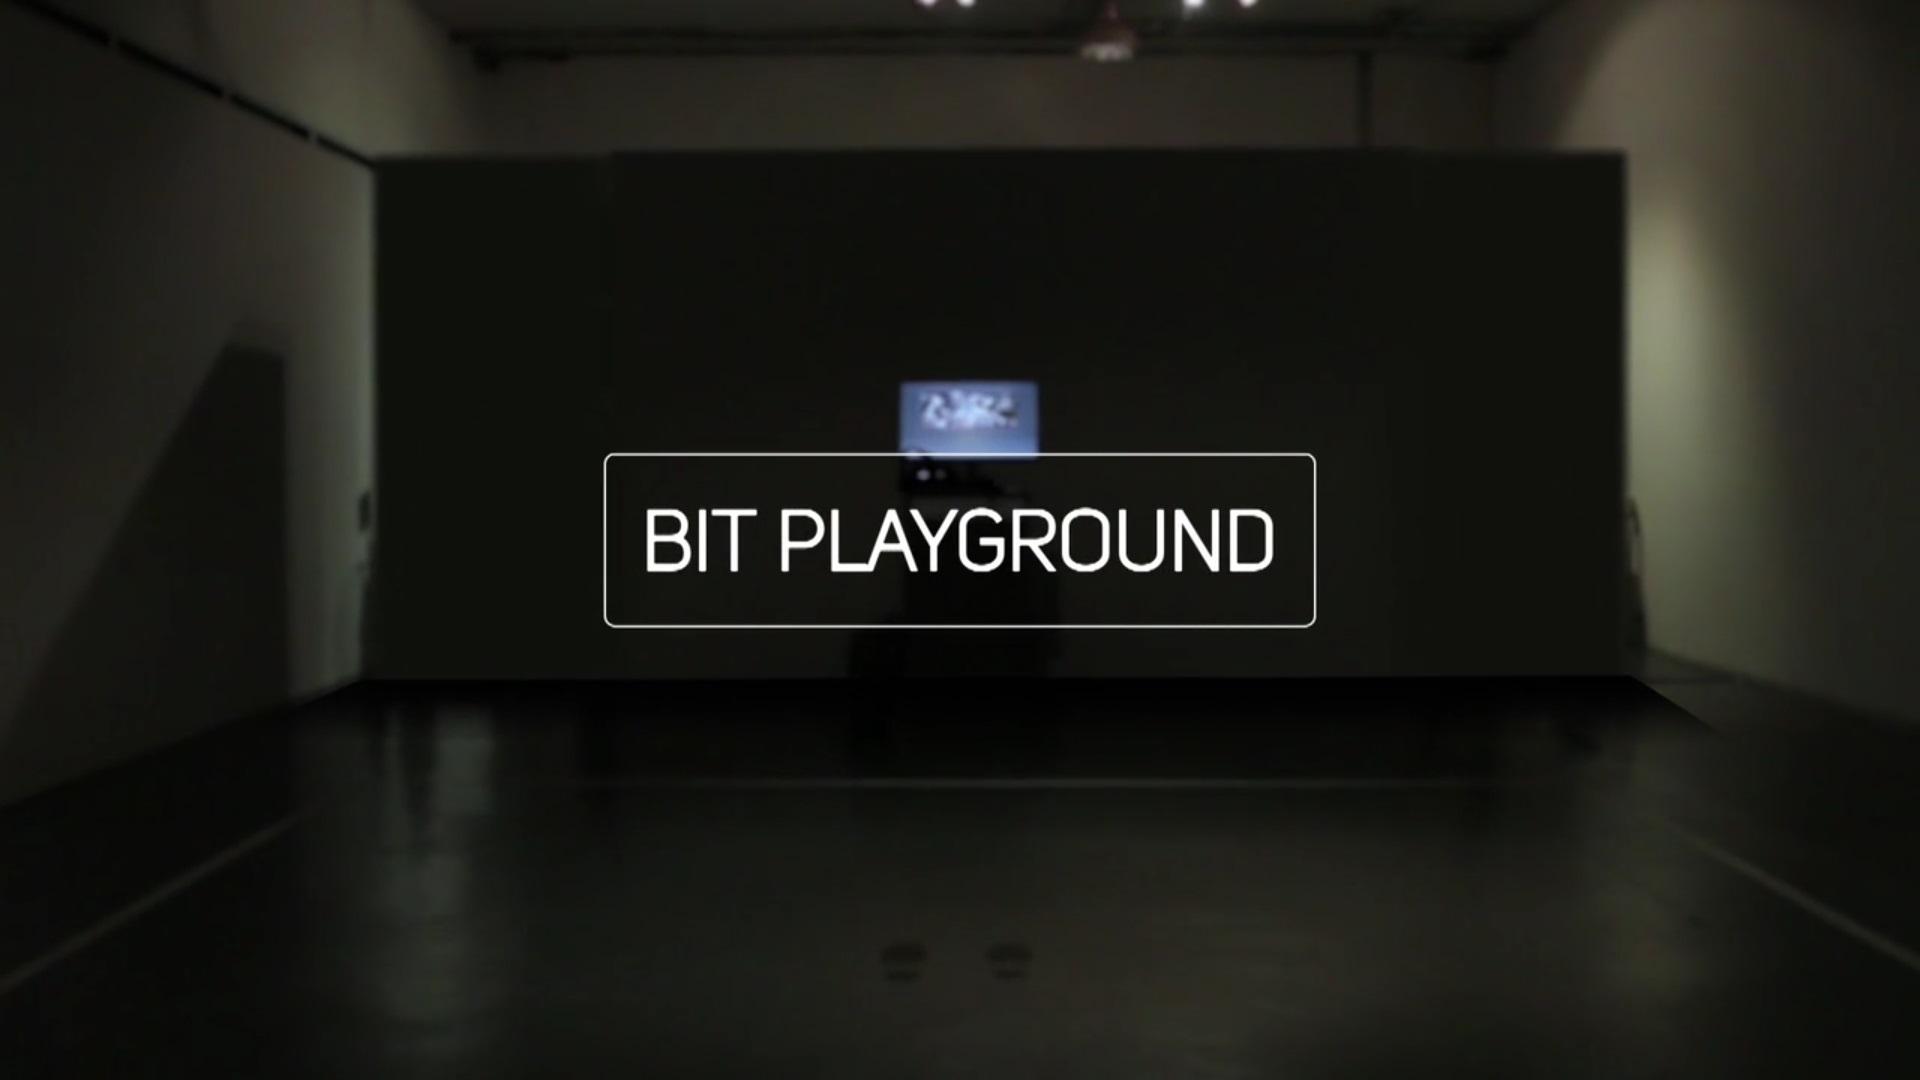 bit.playground